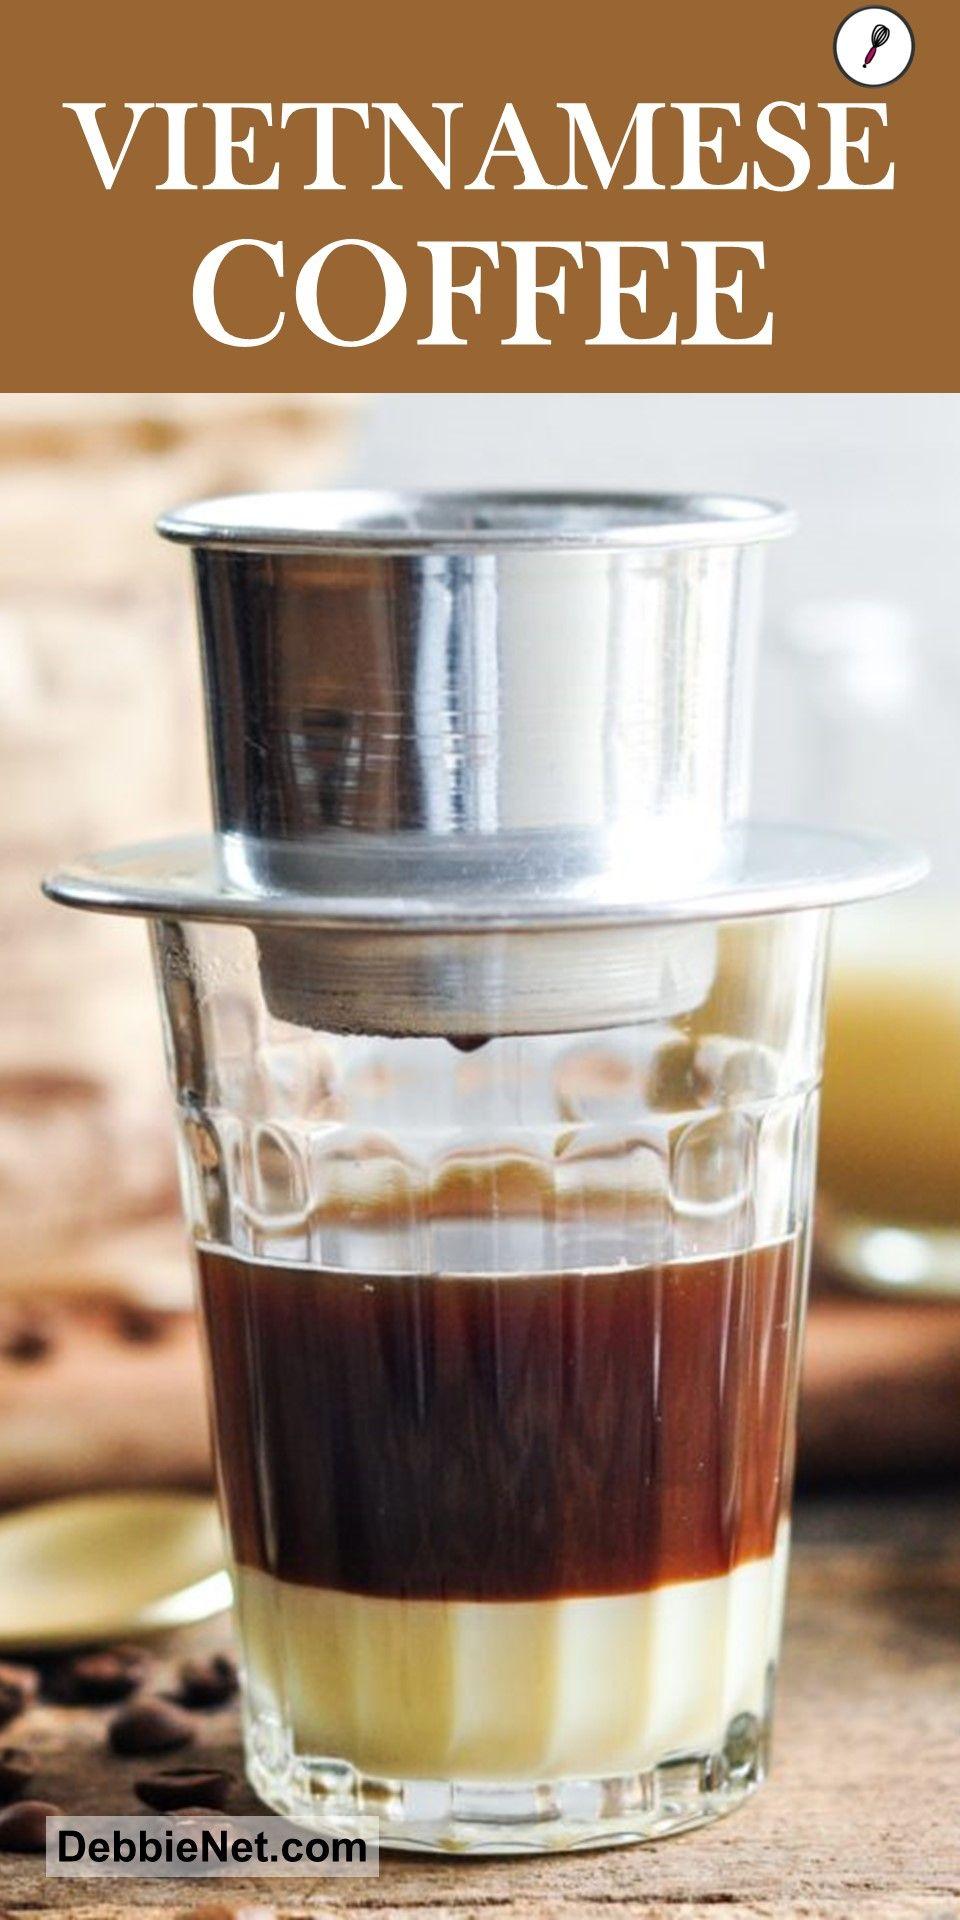 Traditional Vietnamese Coffee Debbienet Com Vietnamese Coffee Recipe Coffee Recipes Vietnamese Coffee